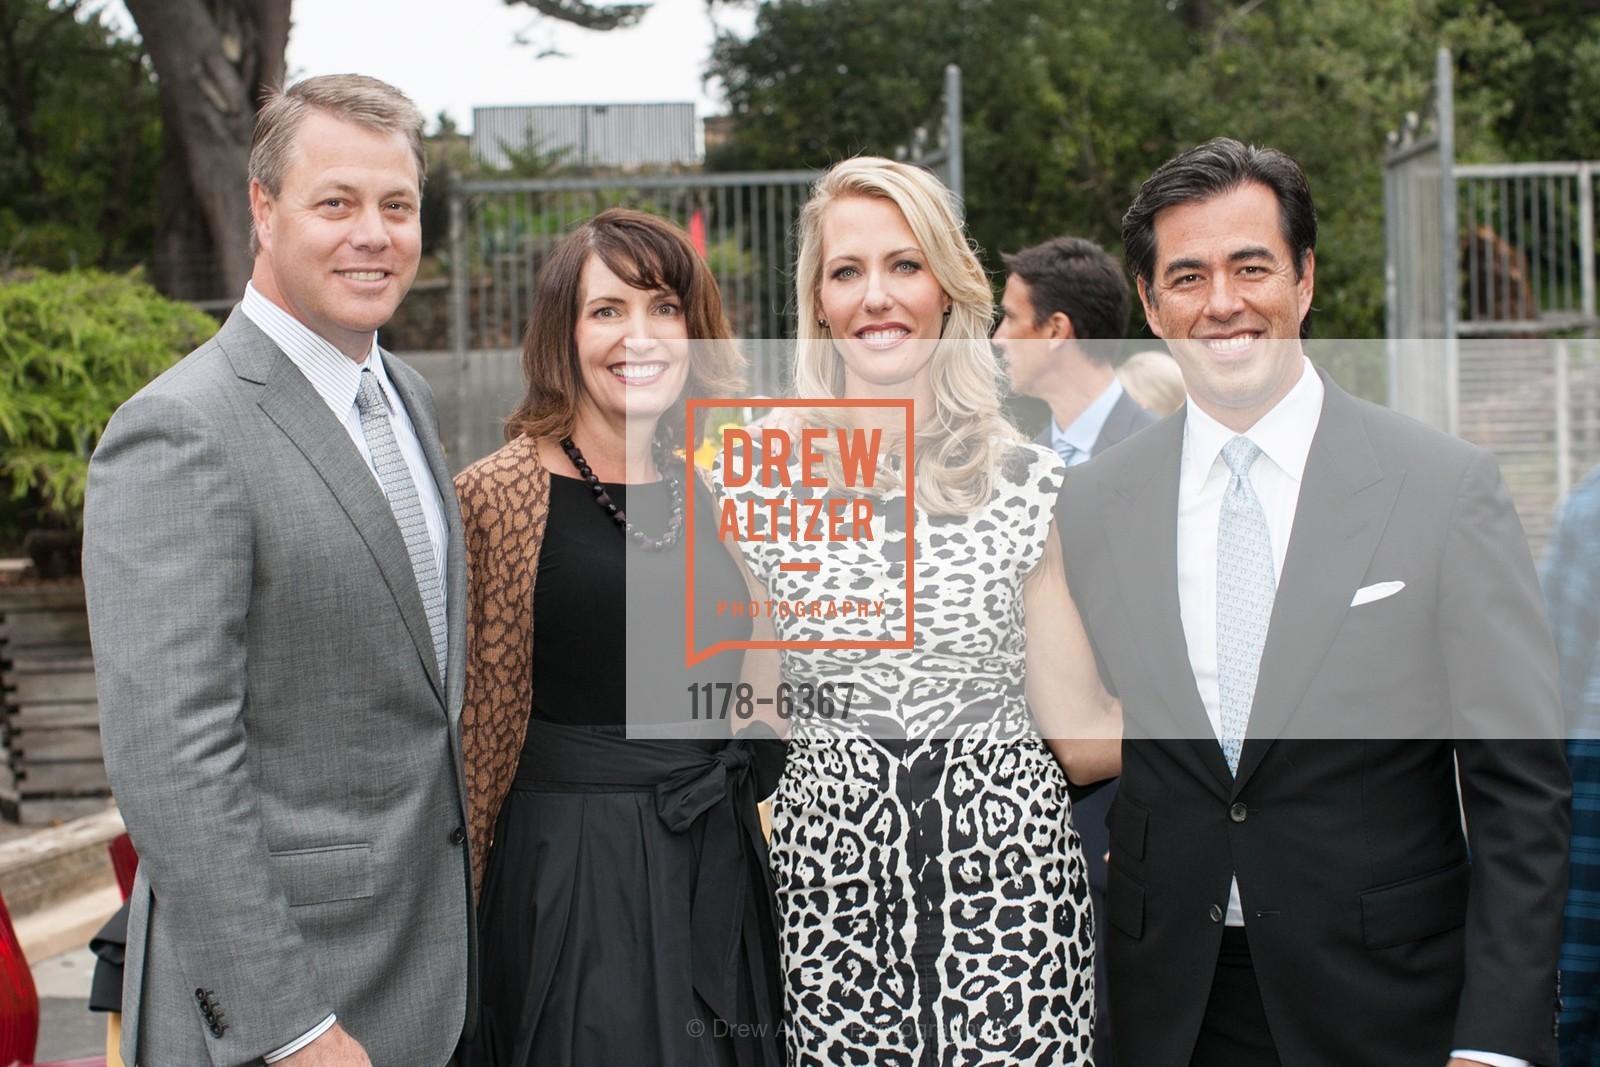 Brad Boyse, Kathleen Boyse, Holly Lawson, Rich Lawson, Photo #1178-6367